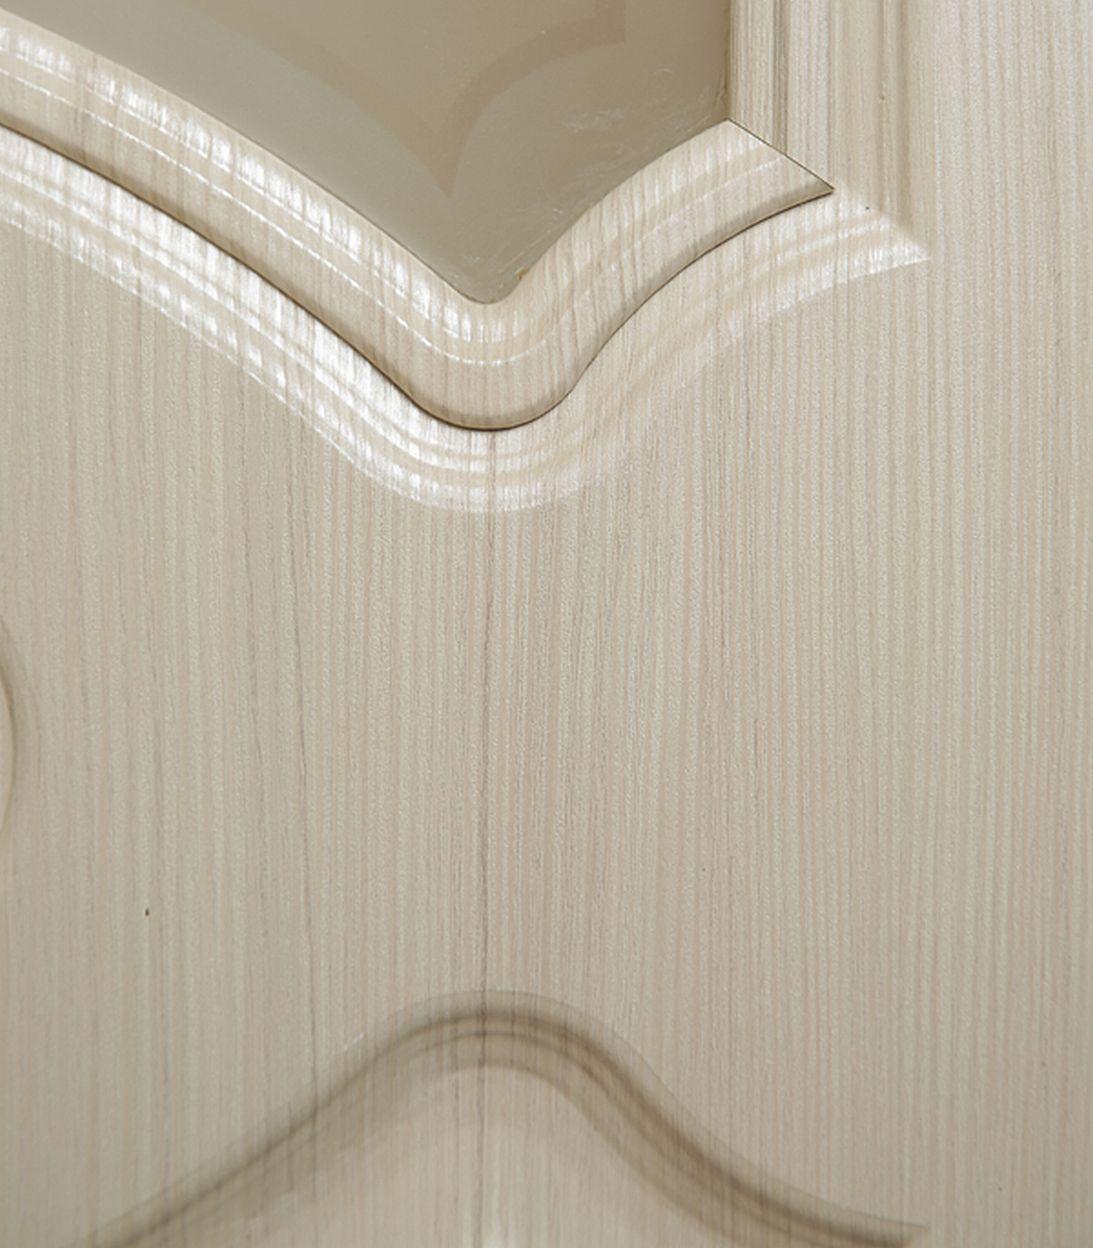 Описание Дверное полотно Verda Афина беленый дуб мелинга со стеклом экошпон 800x2000 мм